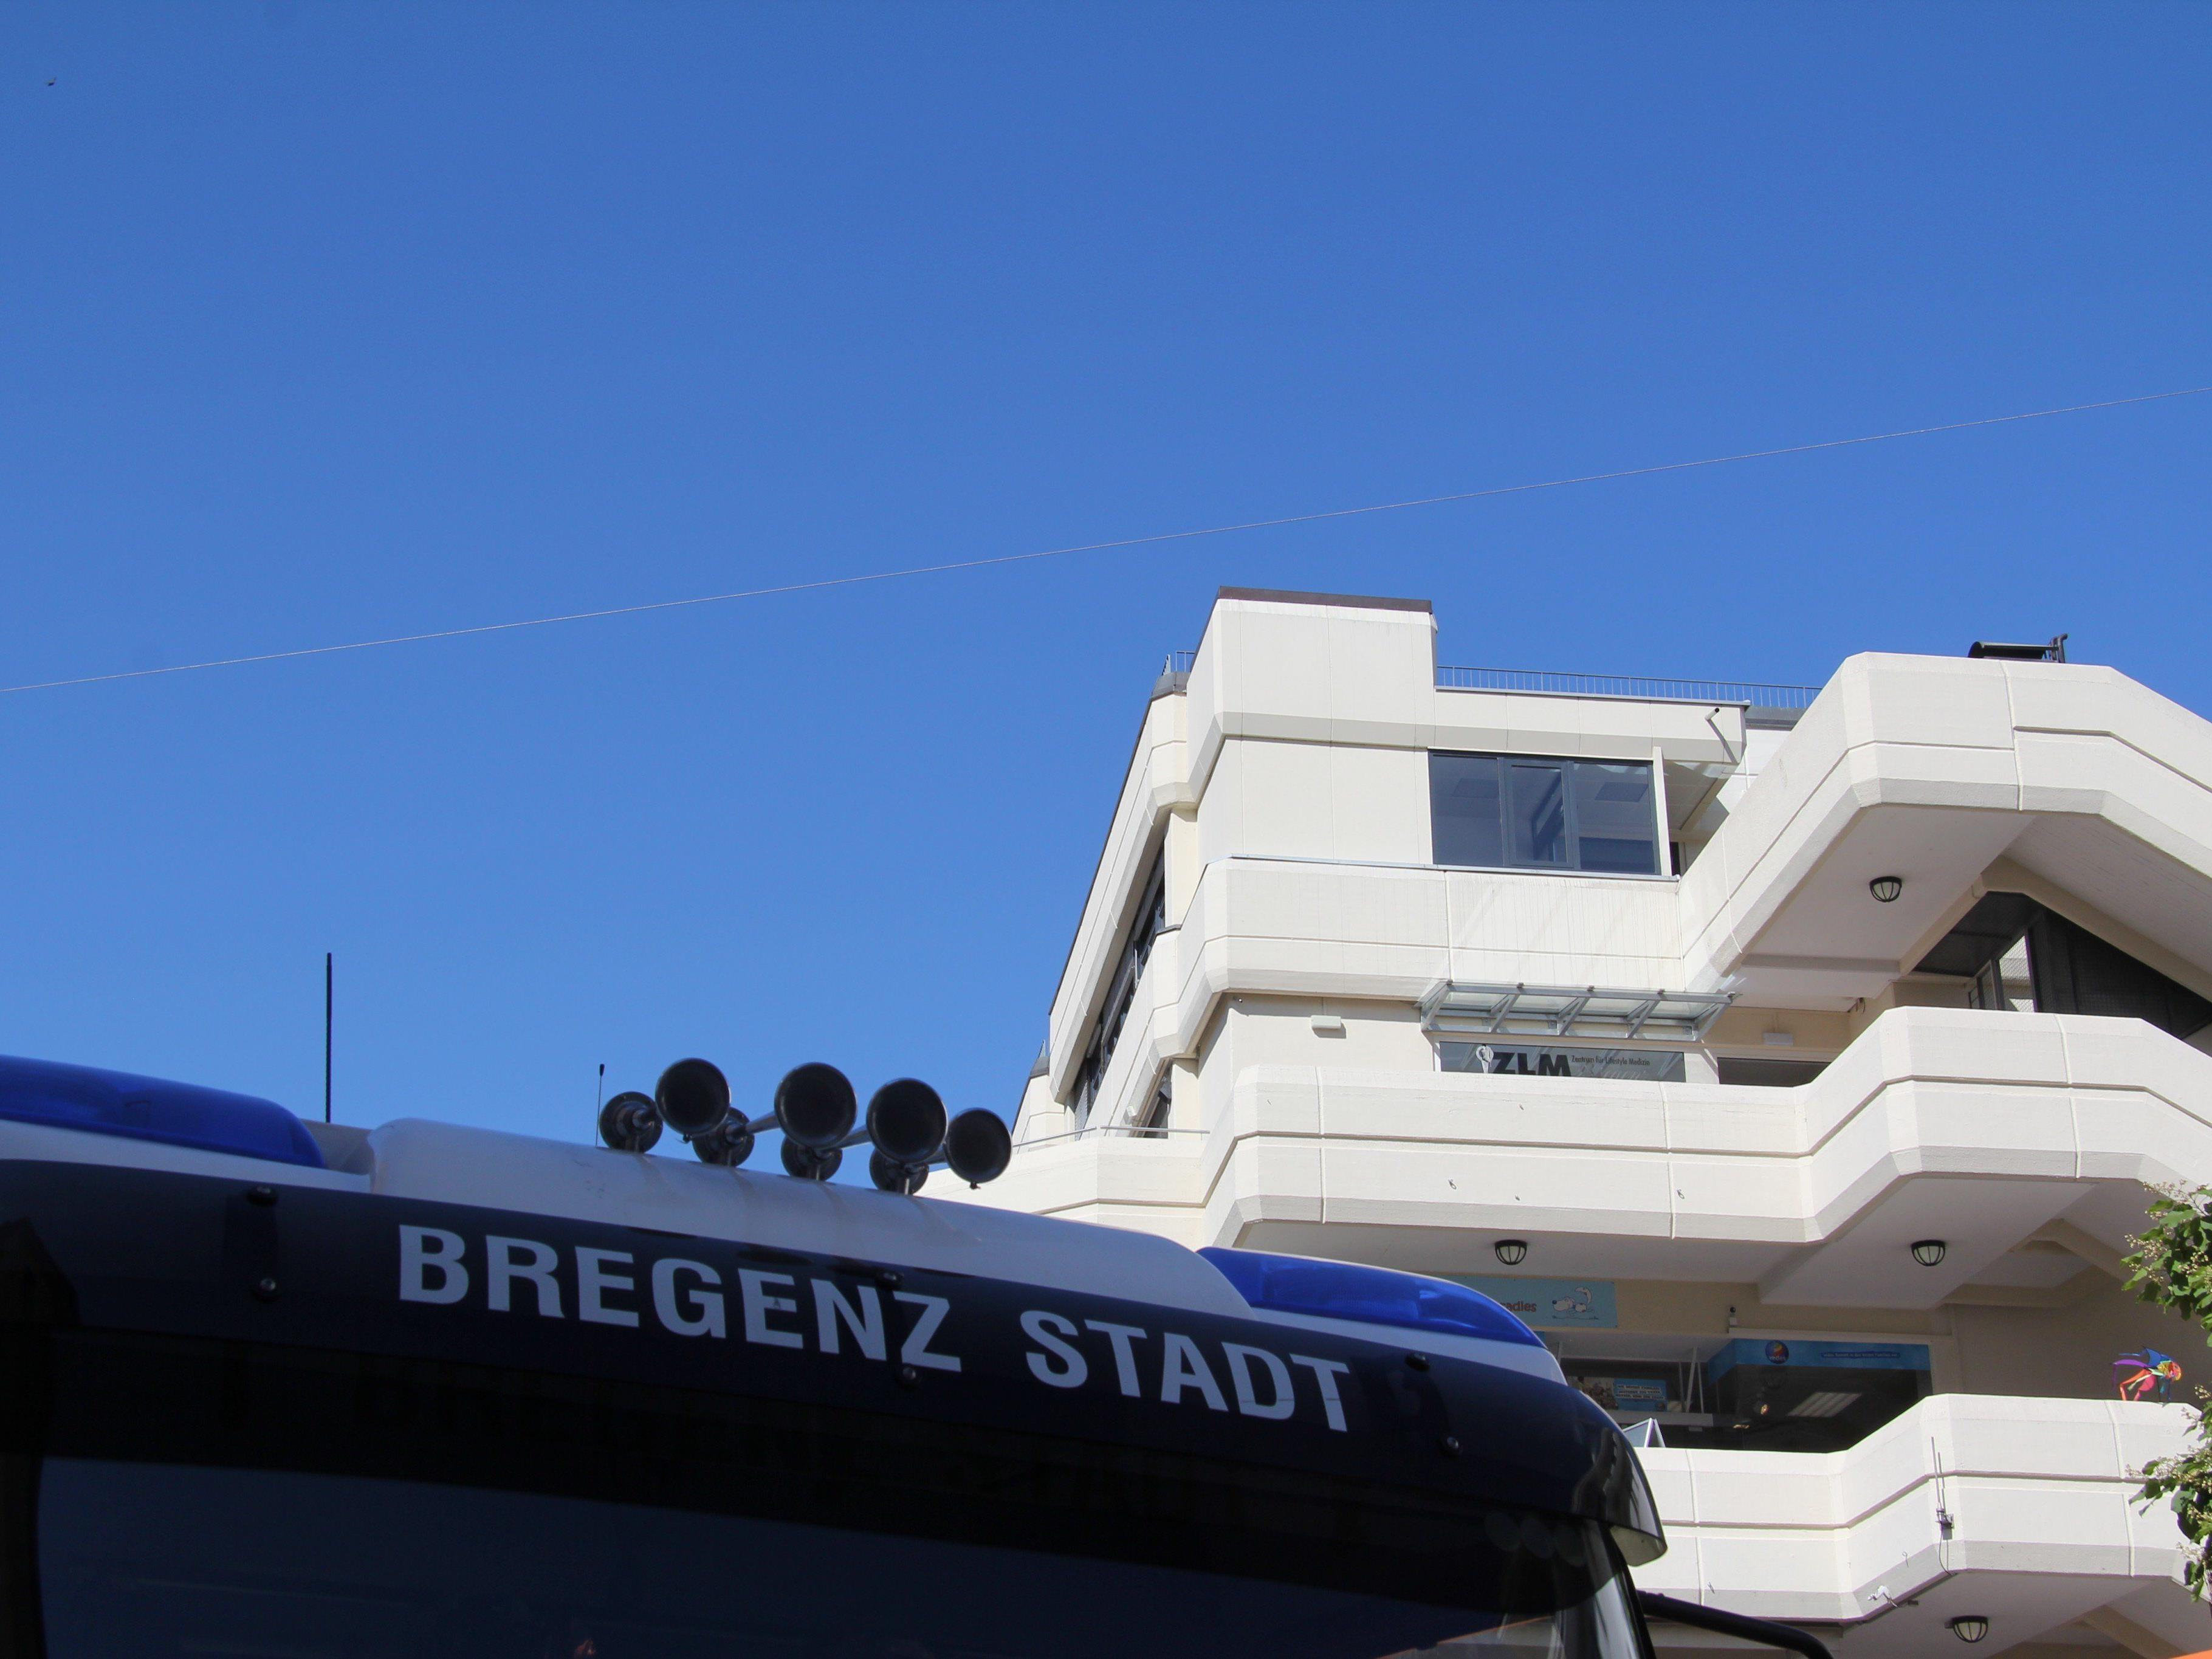 Starke Rauchentwicklung sorgte am Mittwoch für einen Feuerwehreinsatz in Bregenz